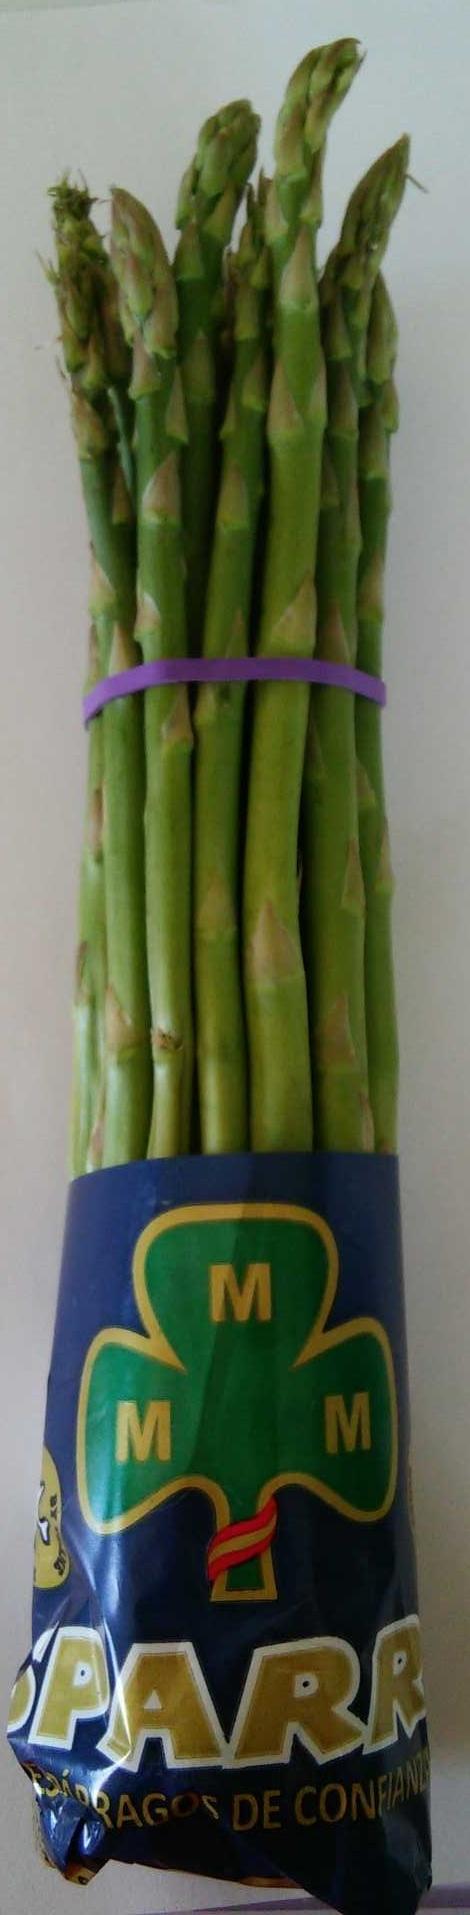 esparagos frescos - Producto - es